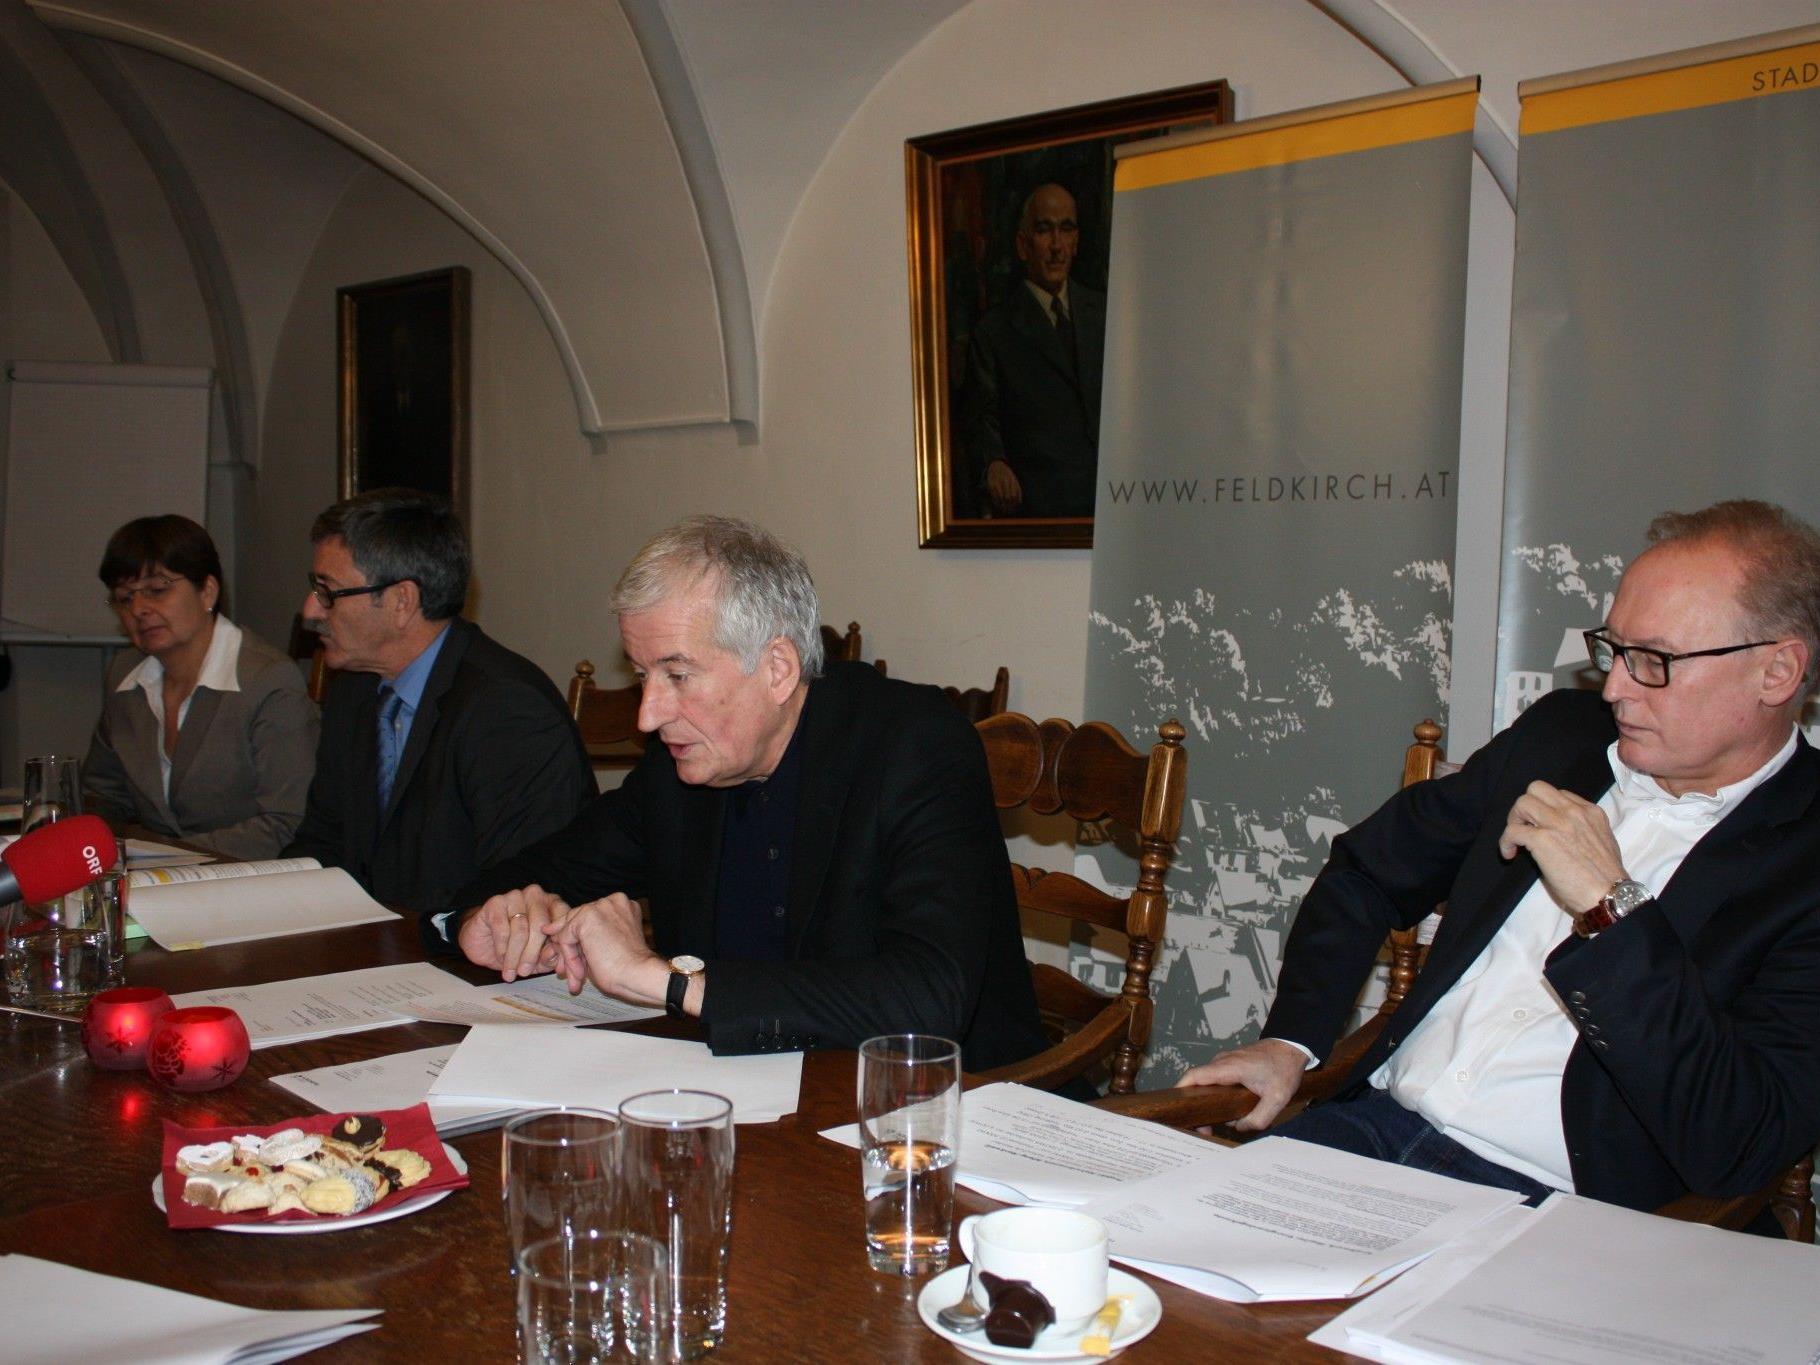 Präsentierten den Voranschlag für 2013: Bürgermeister Berchtold, Finanzstadtrat Wolfgang Matt und Stadtkämmerin Brigitte Eller.